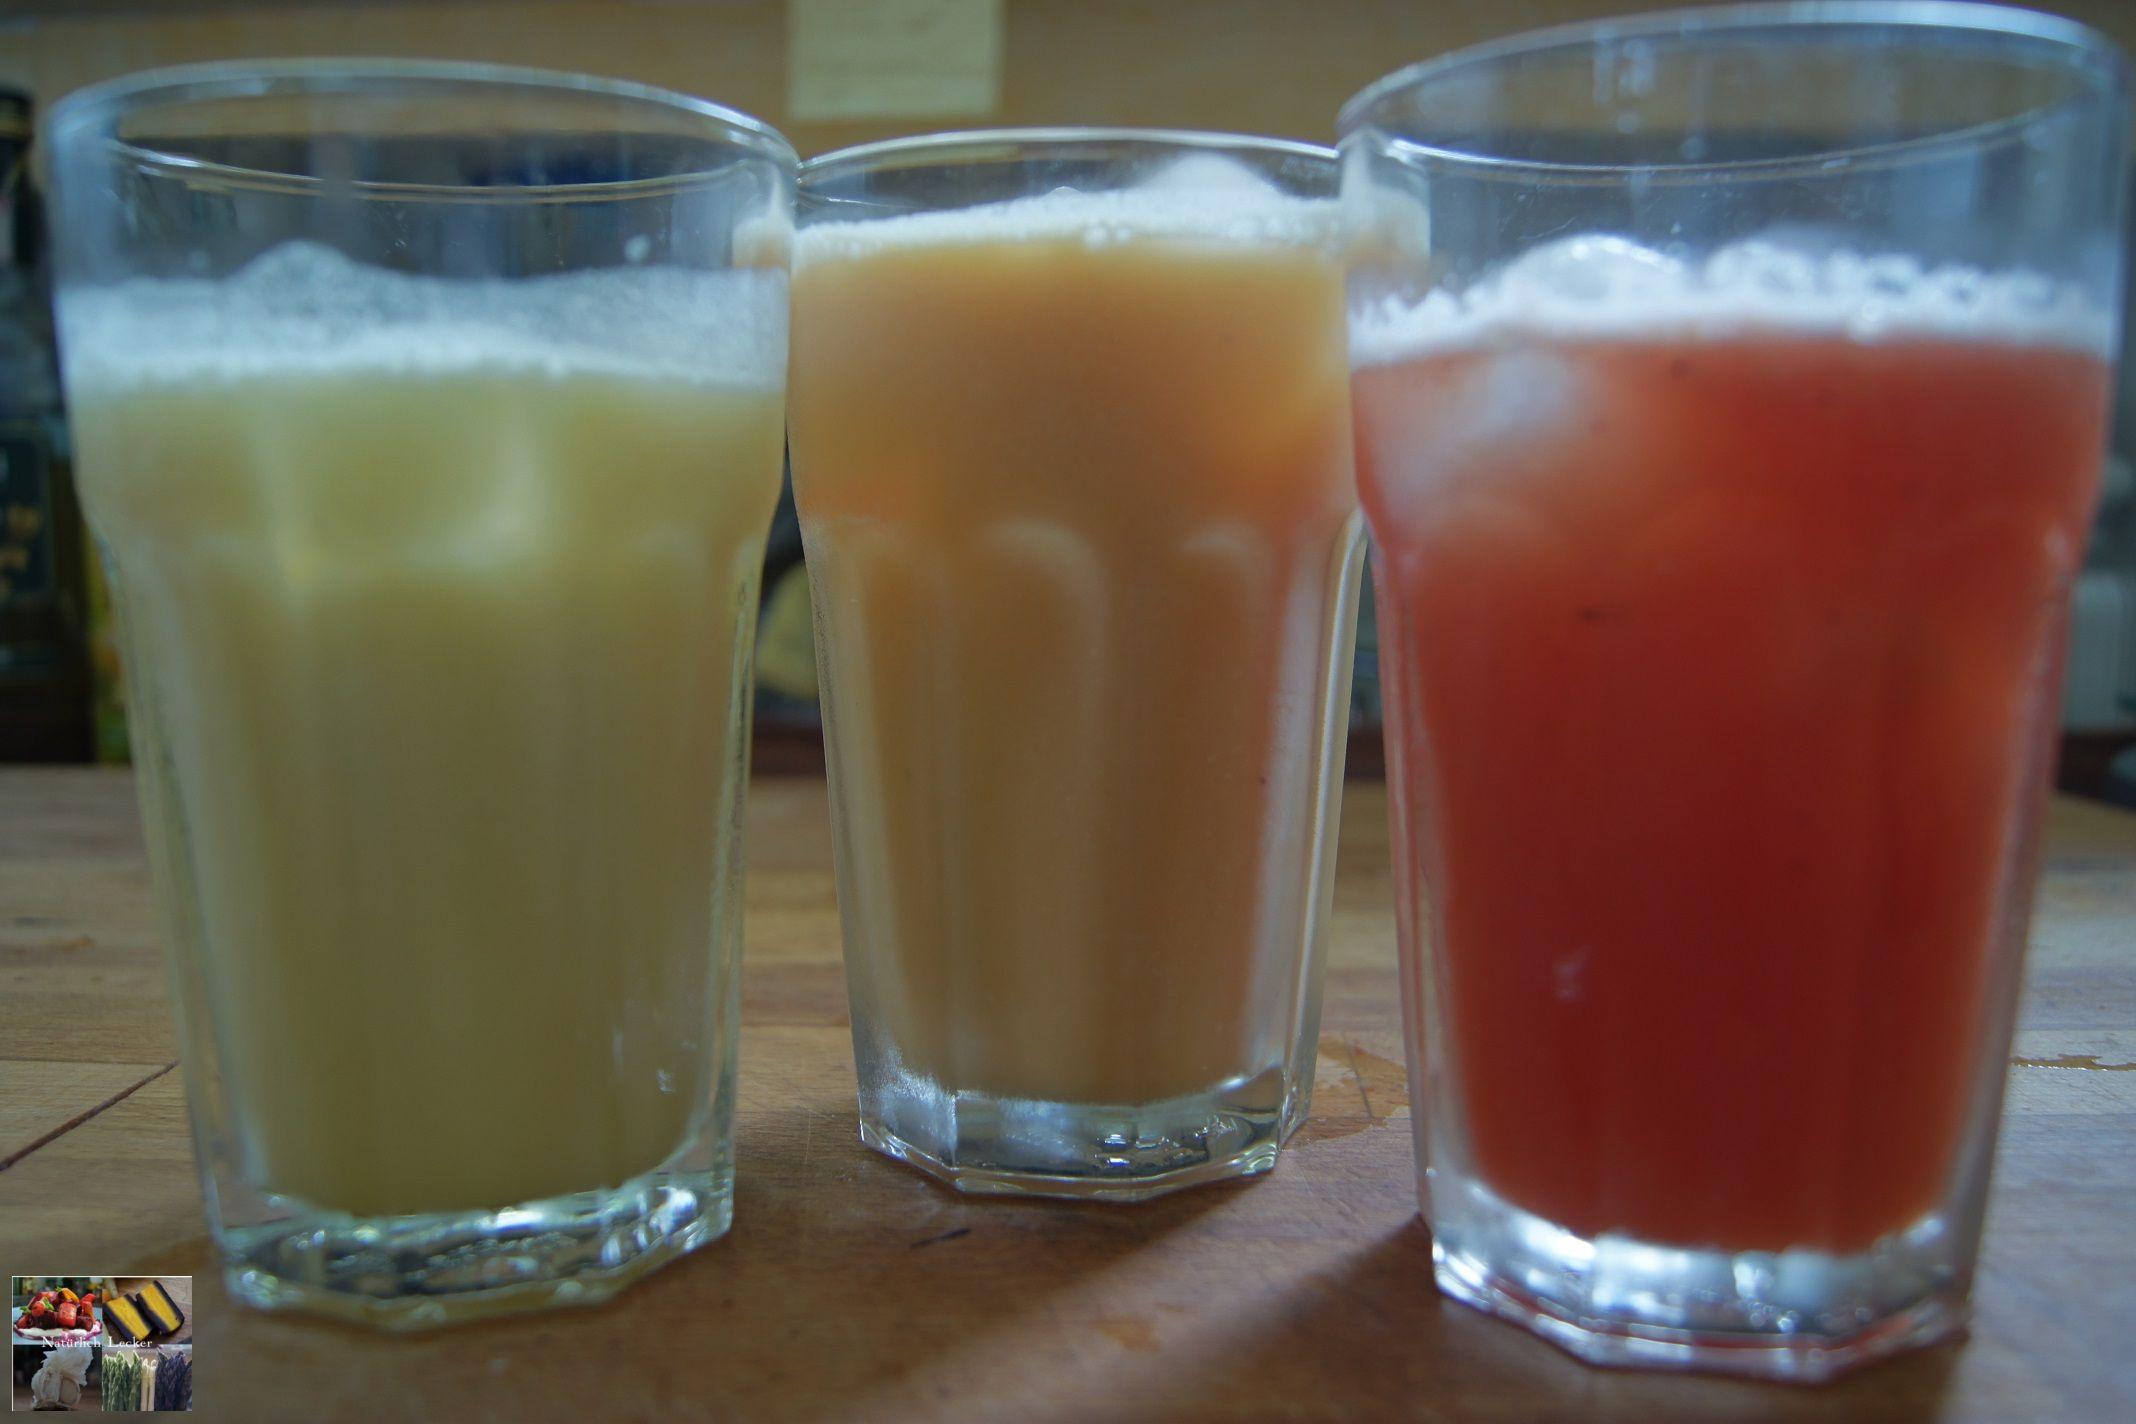 Alkoholfreie Cocktails Teil 3 In diesem vorerst letzten Teil der Cocktail Reihe findet ihr nochmal 3 unglaublich leckere und fruchtige alkoholfreie Cocktails. Besonder der mit Mango ist mein persönlicher Liebling.